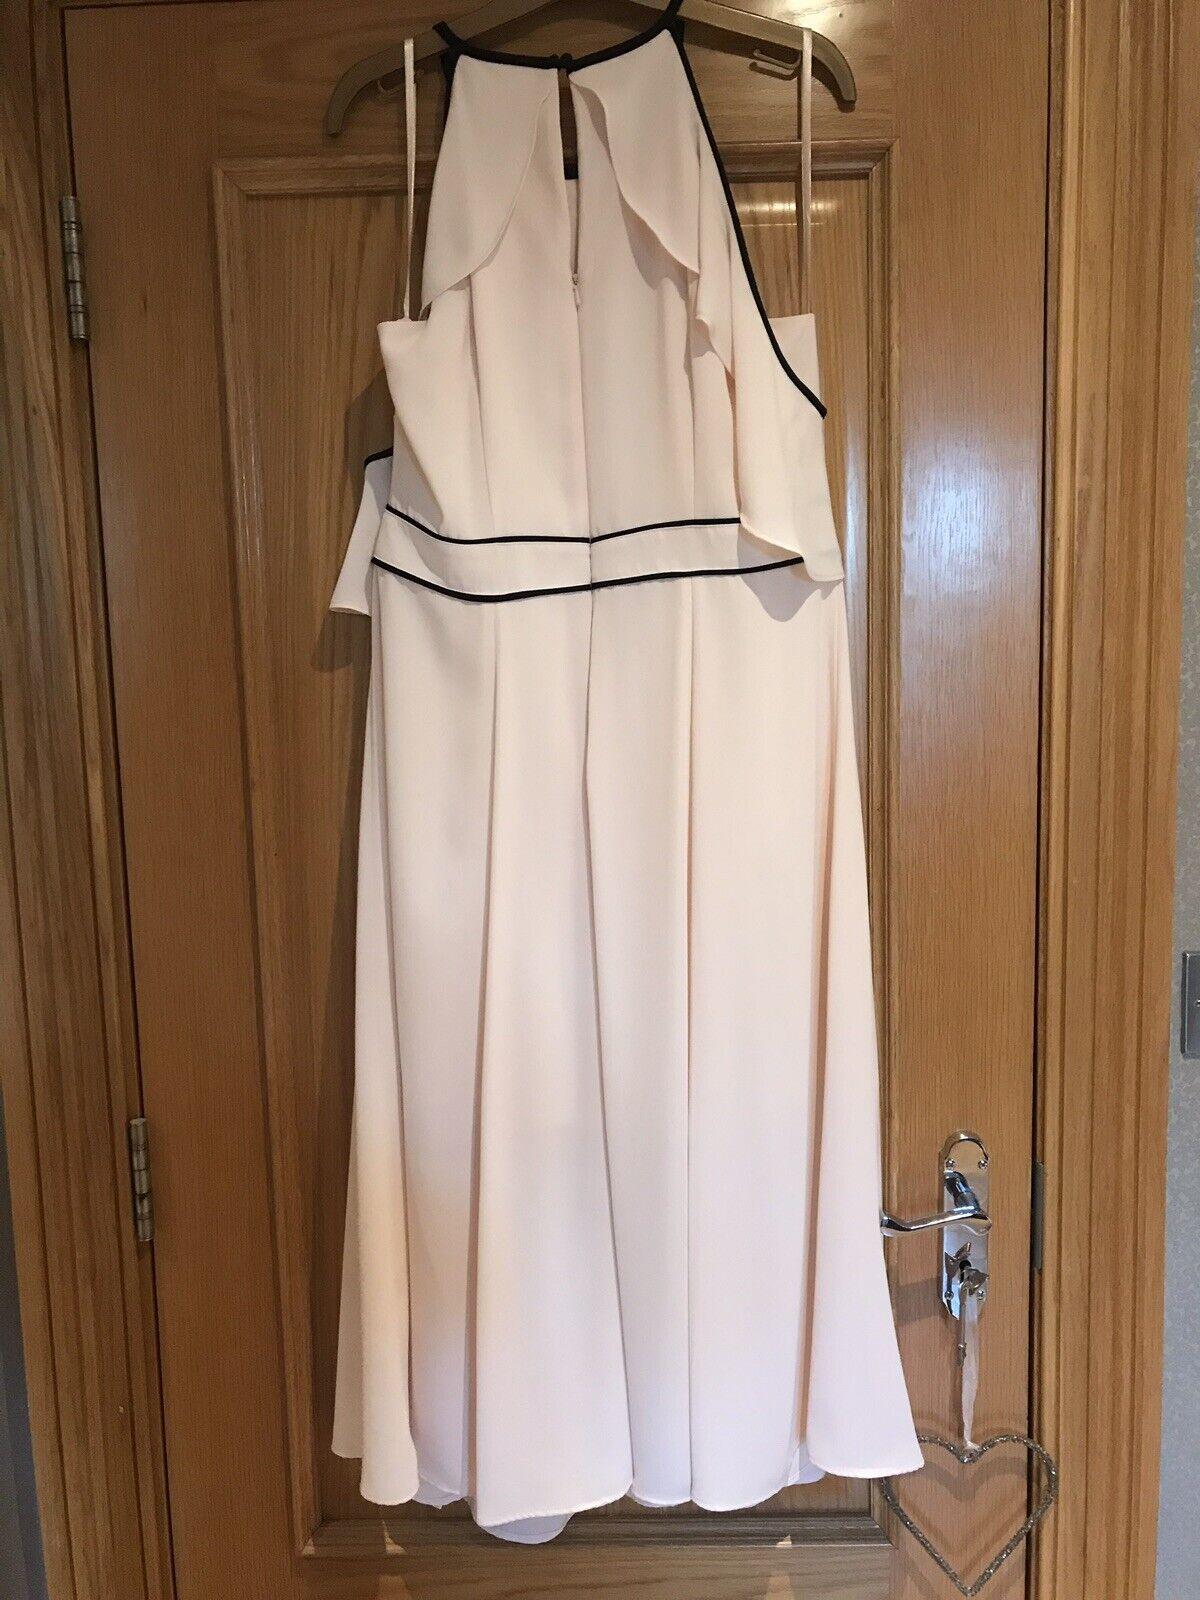 COAST Victoria Soft Blaush Robe longue Größe 16 neuf avec étiquettes